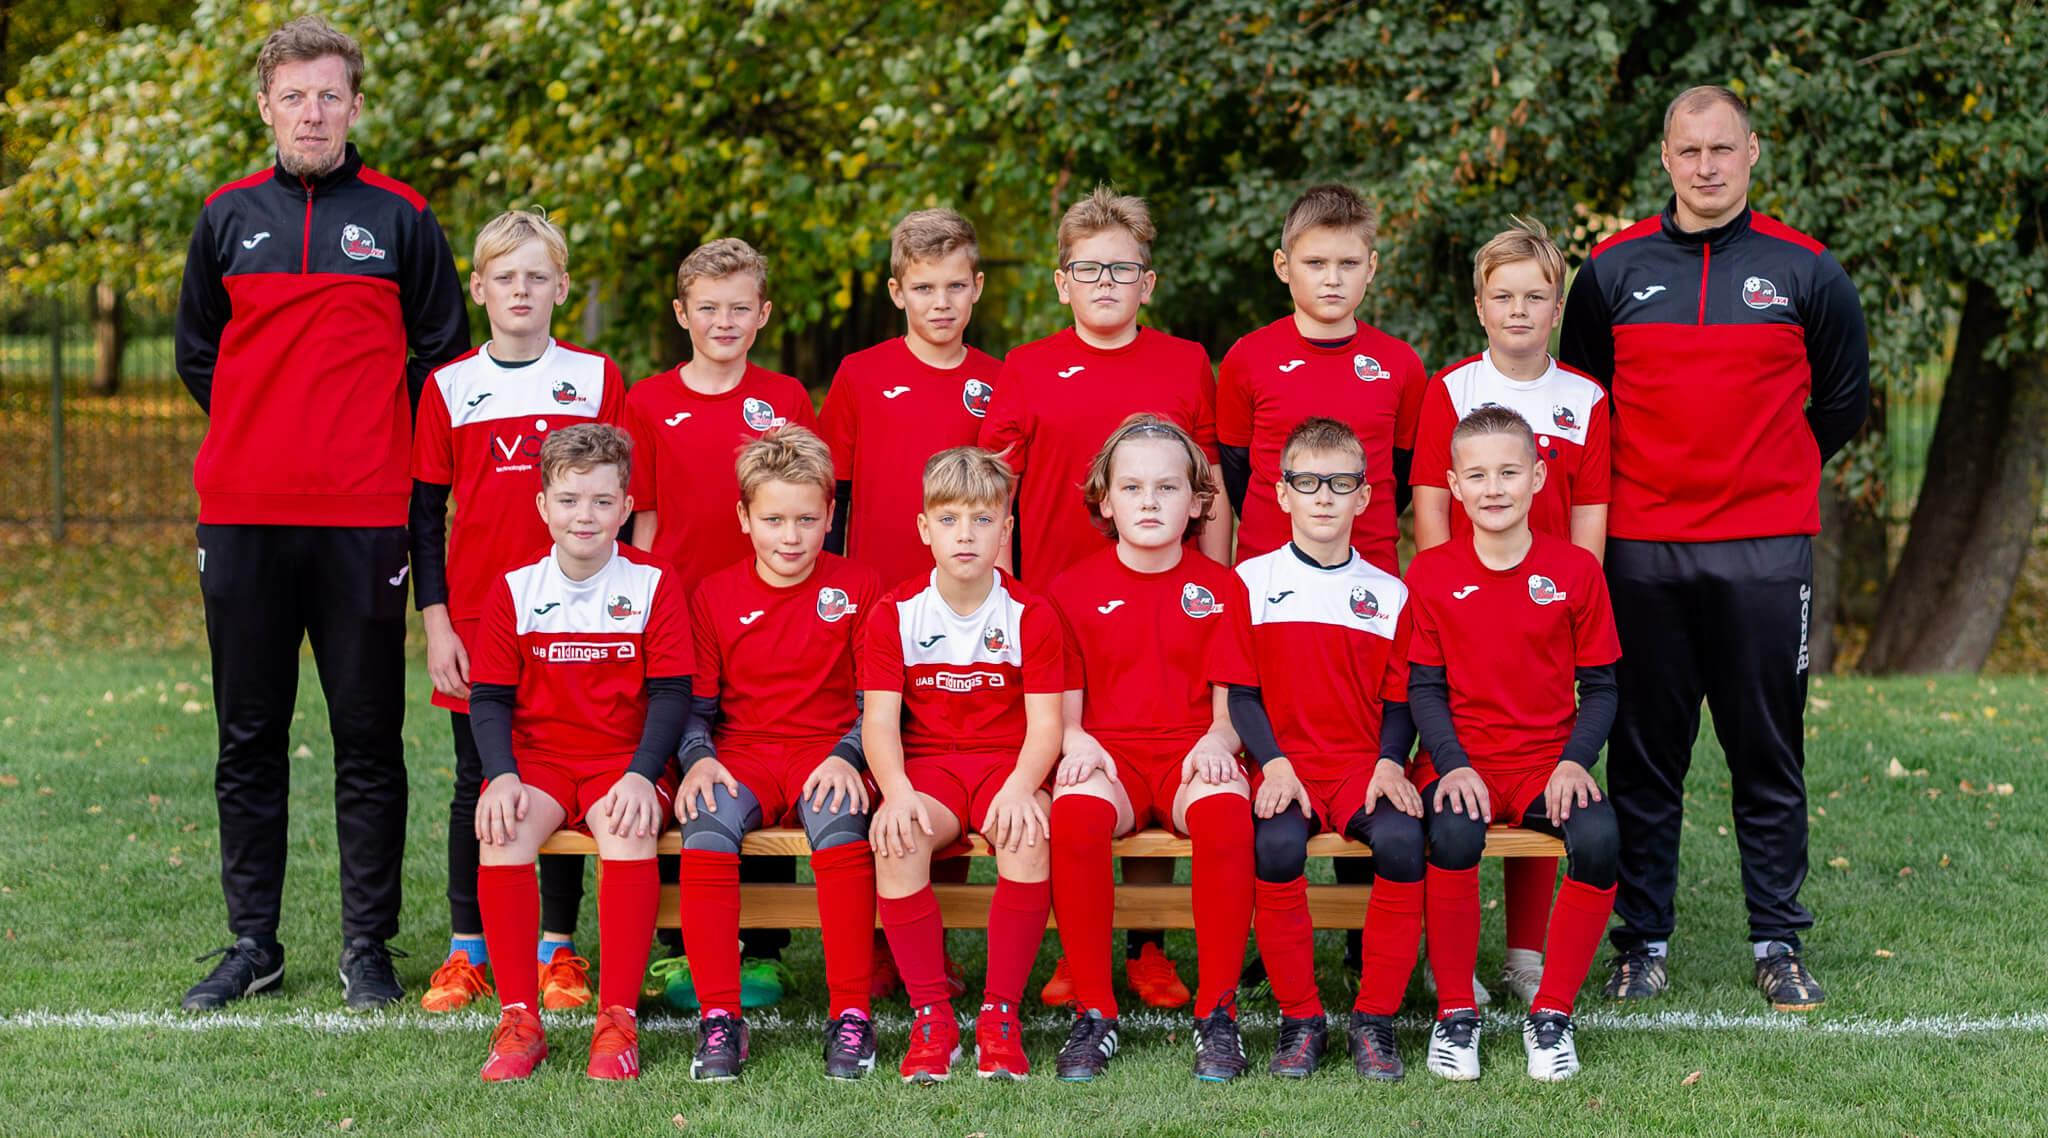 U11 berniukų futbolo komanda